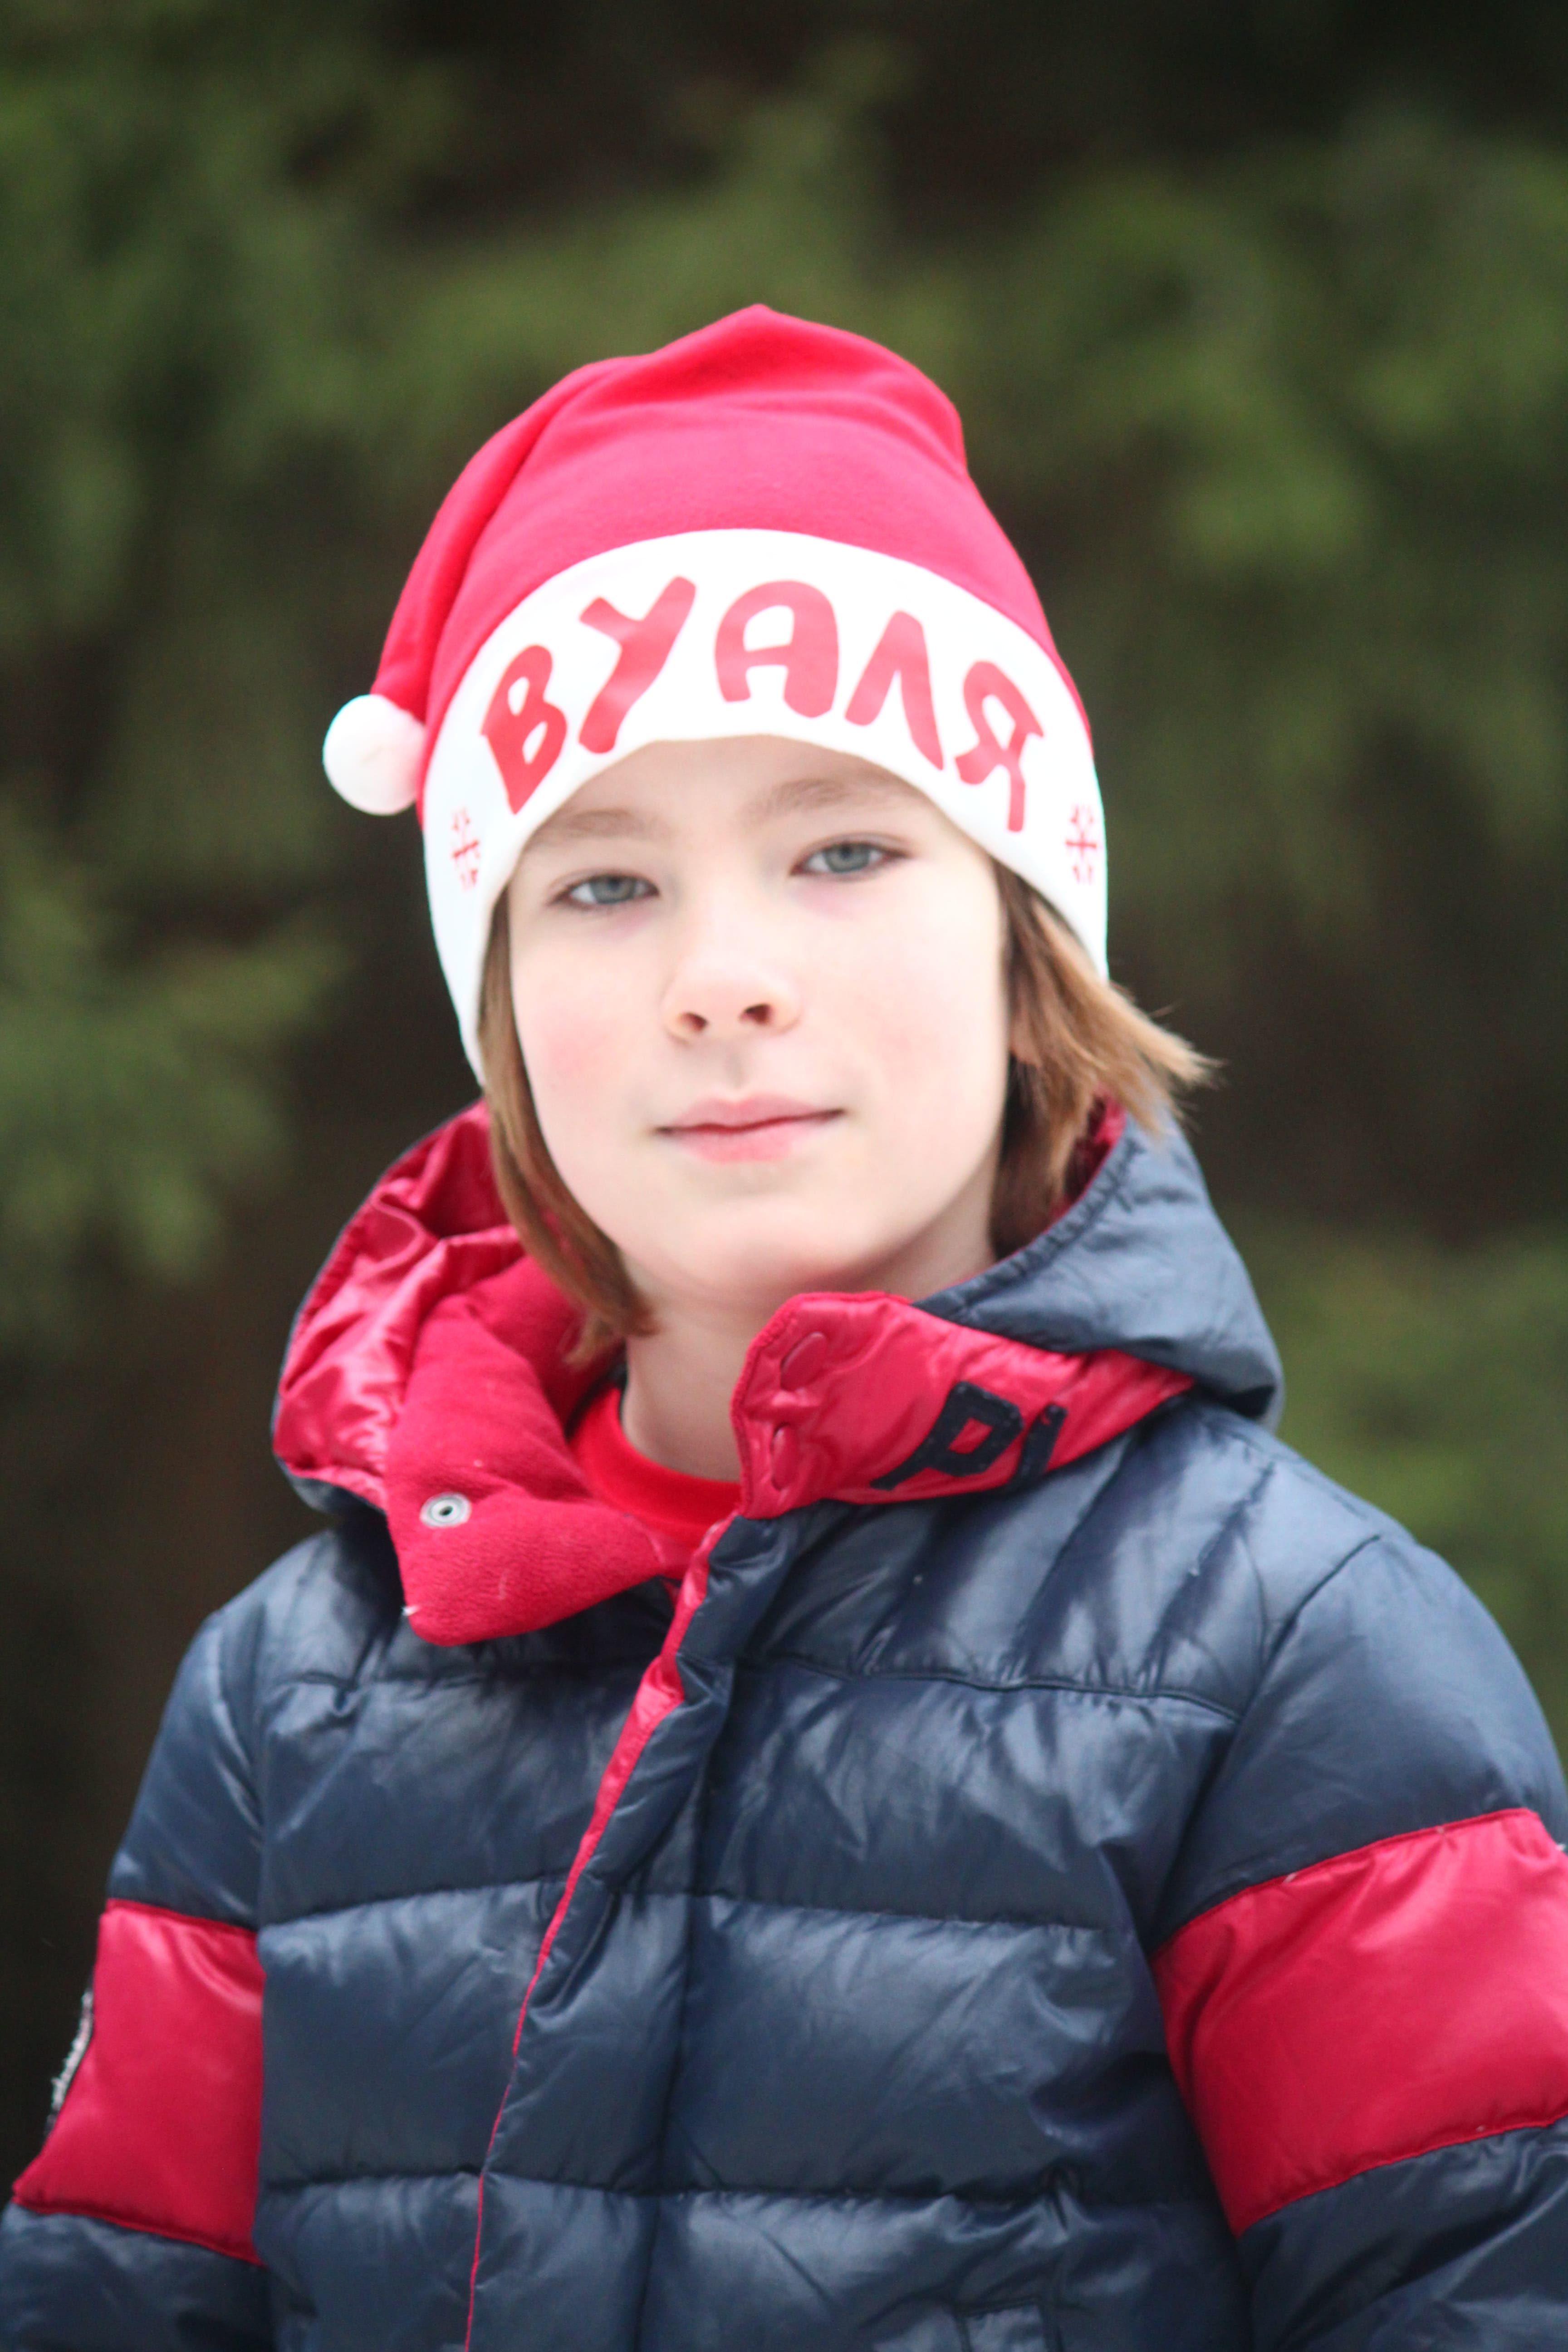 Детский креативный лагерь «Вуаля» в Подмосковье, февральские каникулы 2020